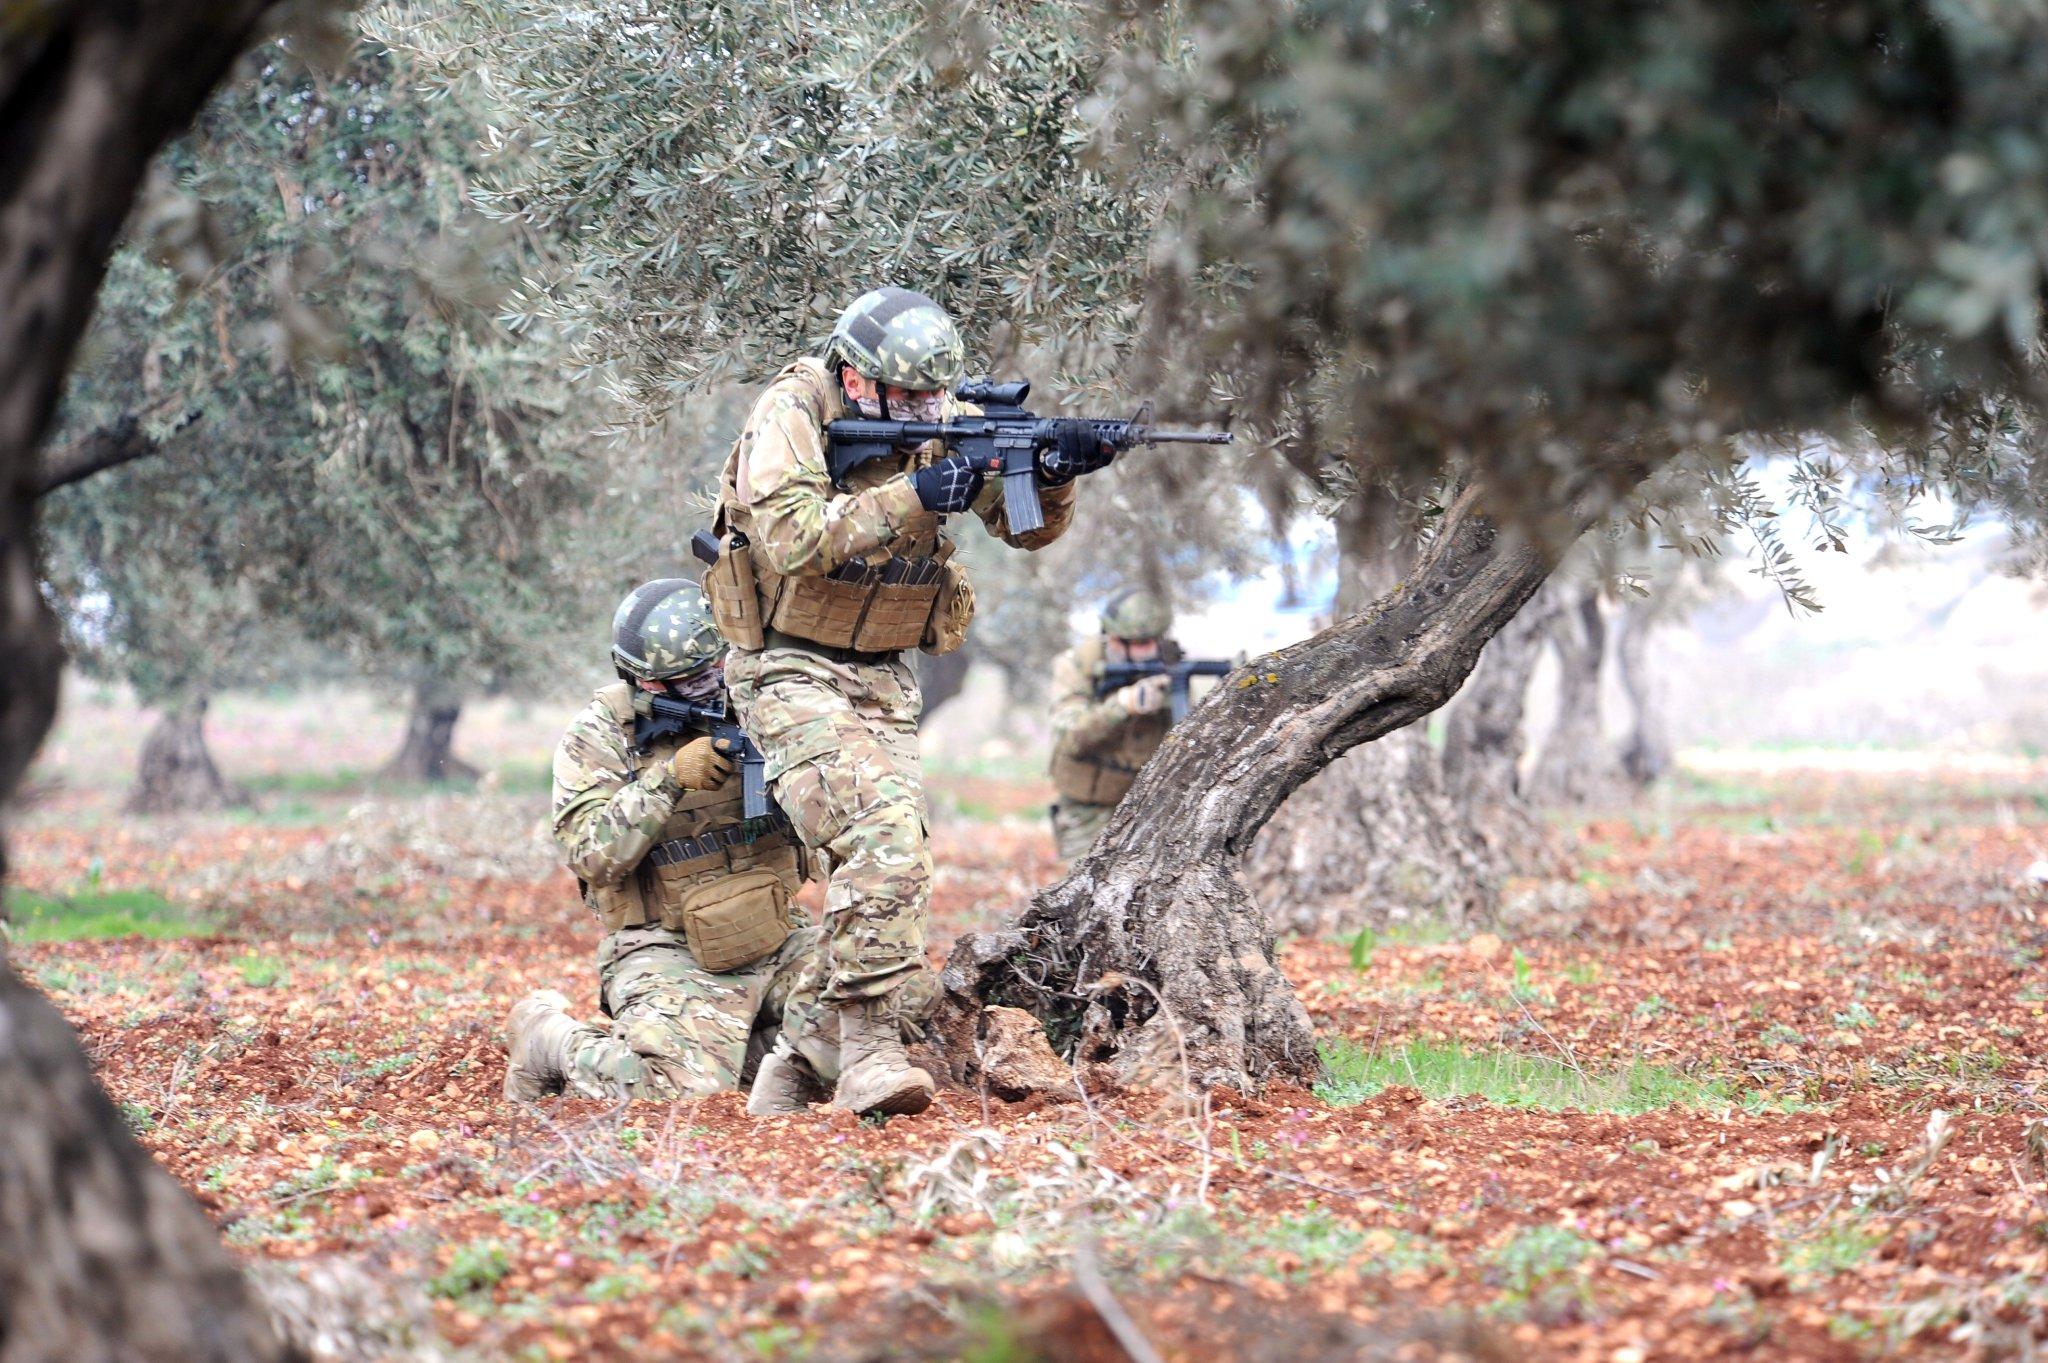 Guerre Civile en Syrie ( LISEZ LE PREMIER POST ! ) - Statut spécial  - - Page 14 DW3JvgCX0AAEss2